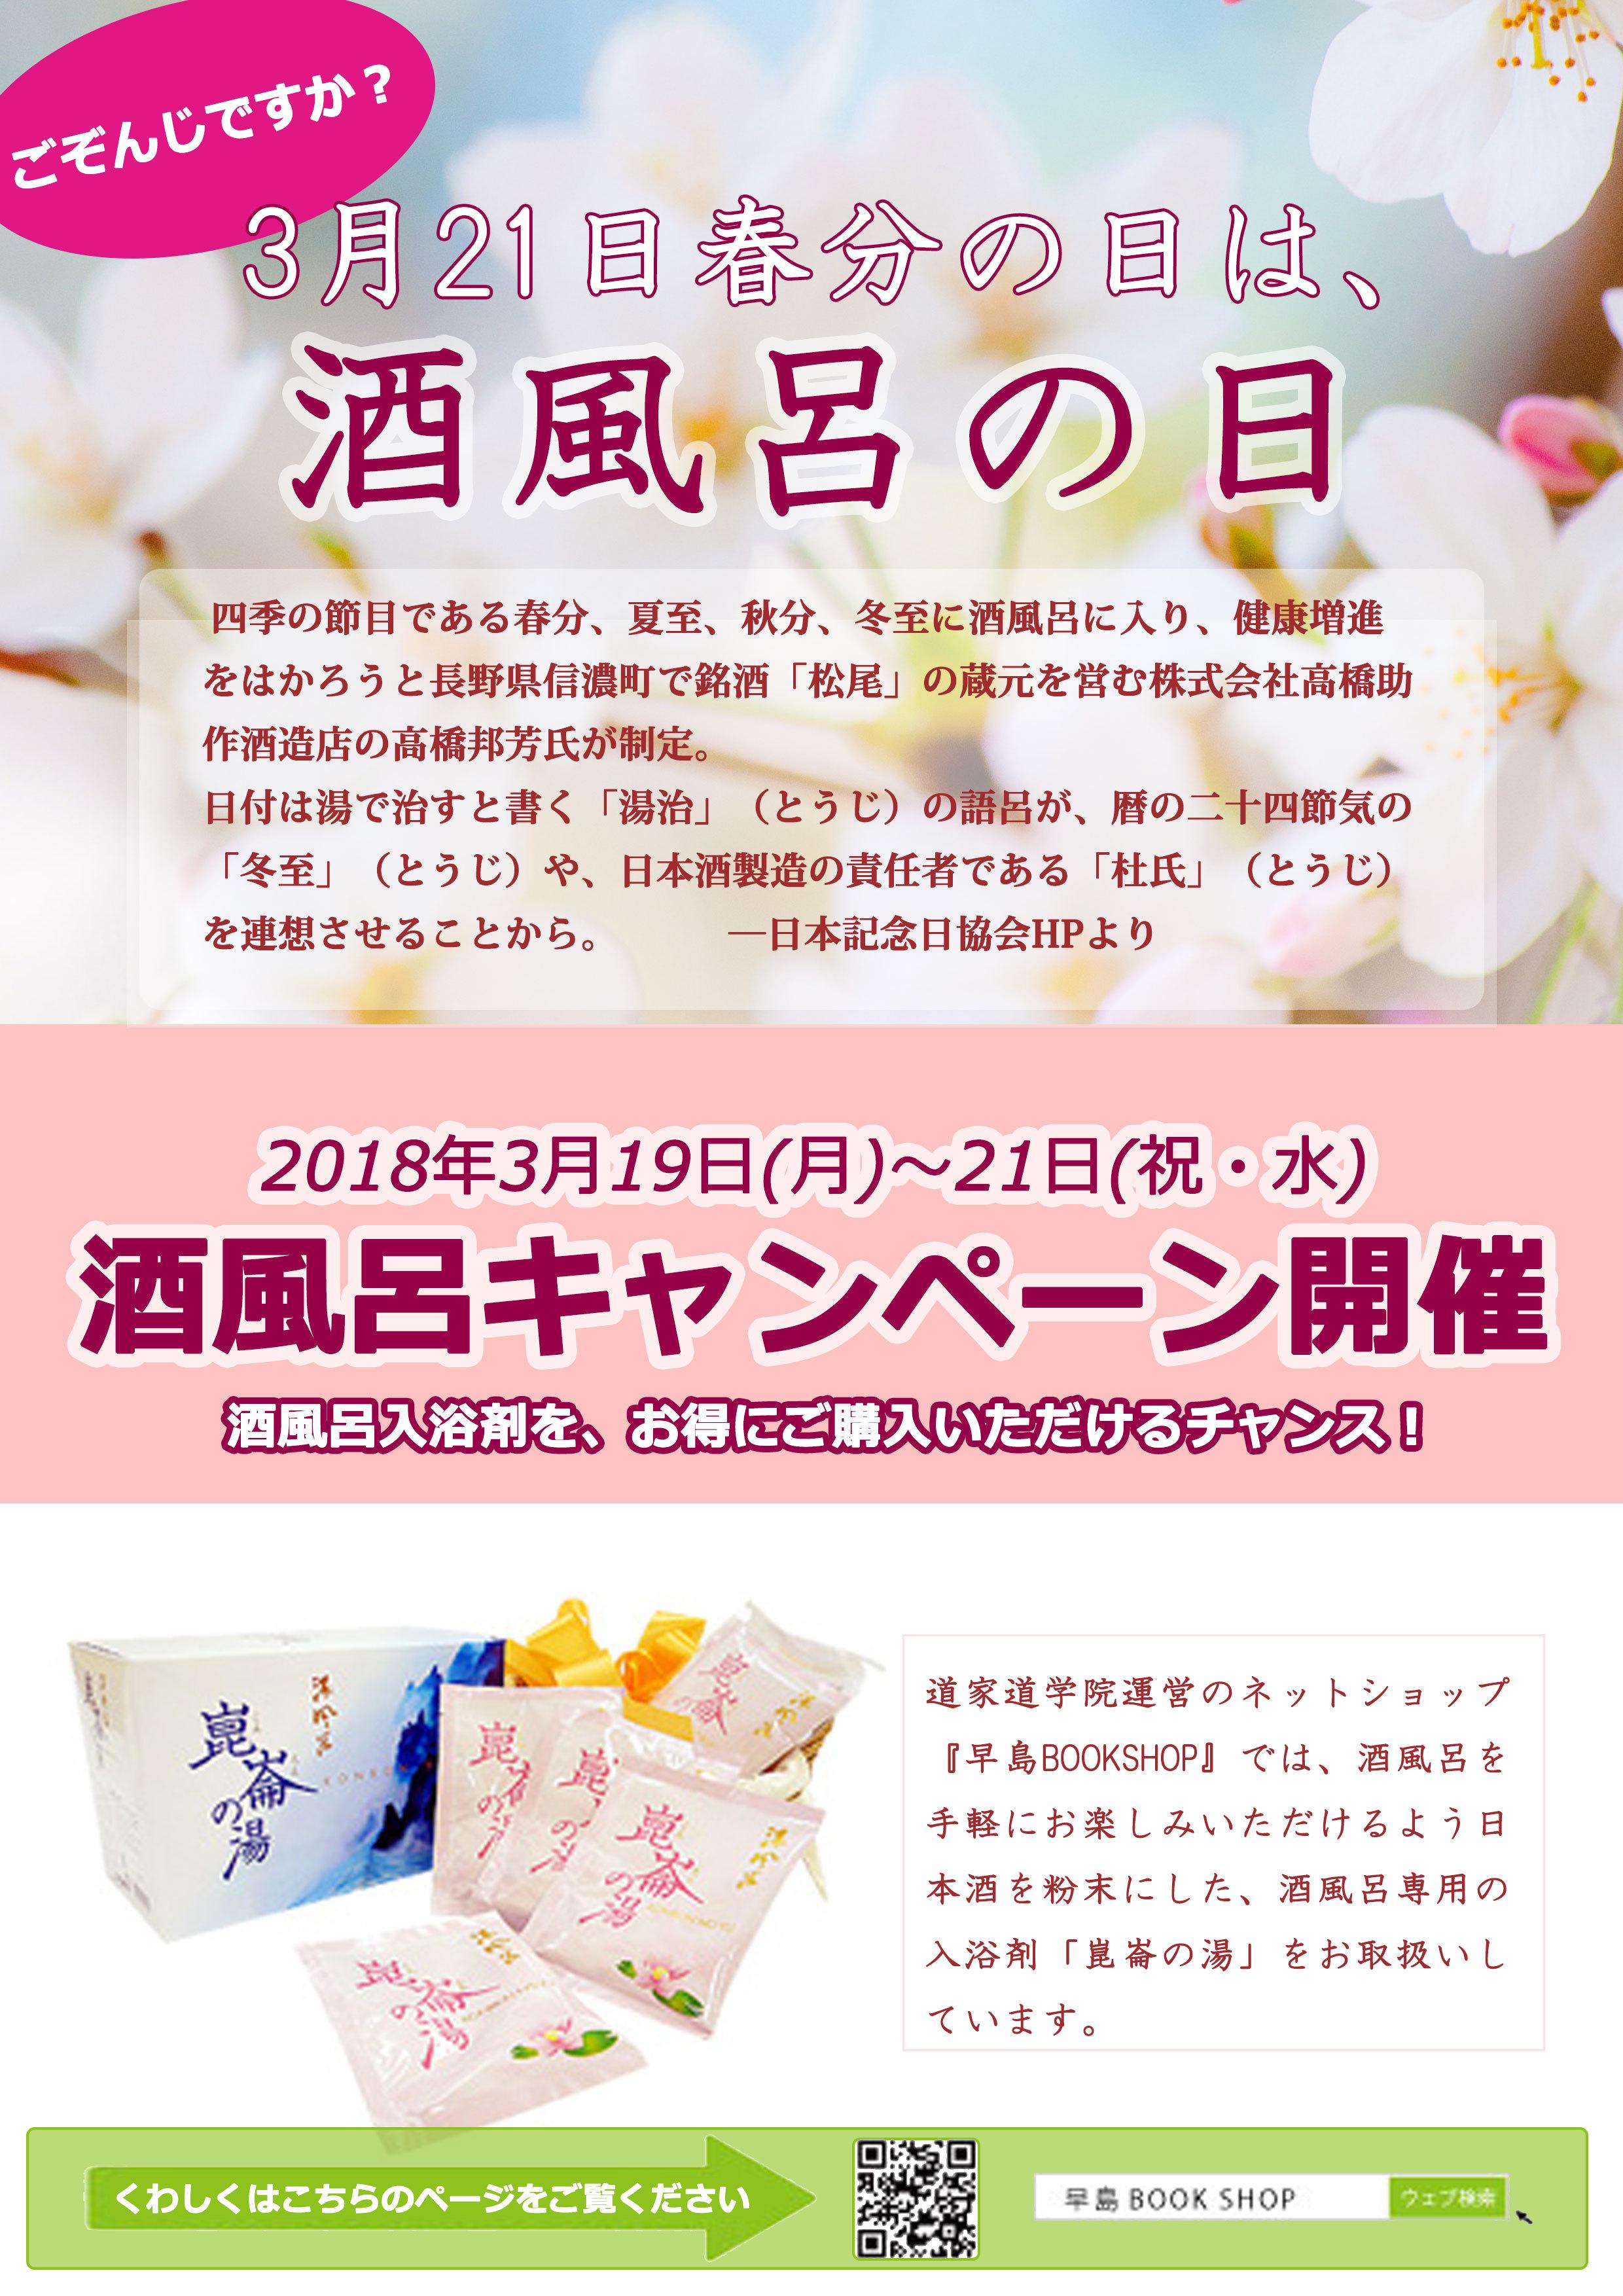 本日 3月21日まで! 『春分の日 酒風呂キャンペーン ☆ 崑崙の湯』